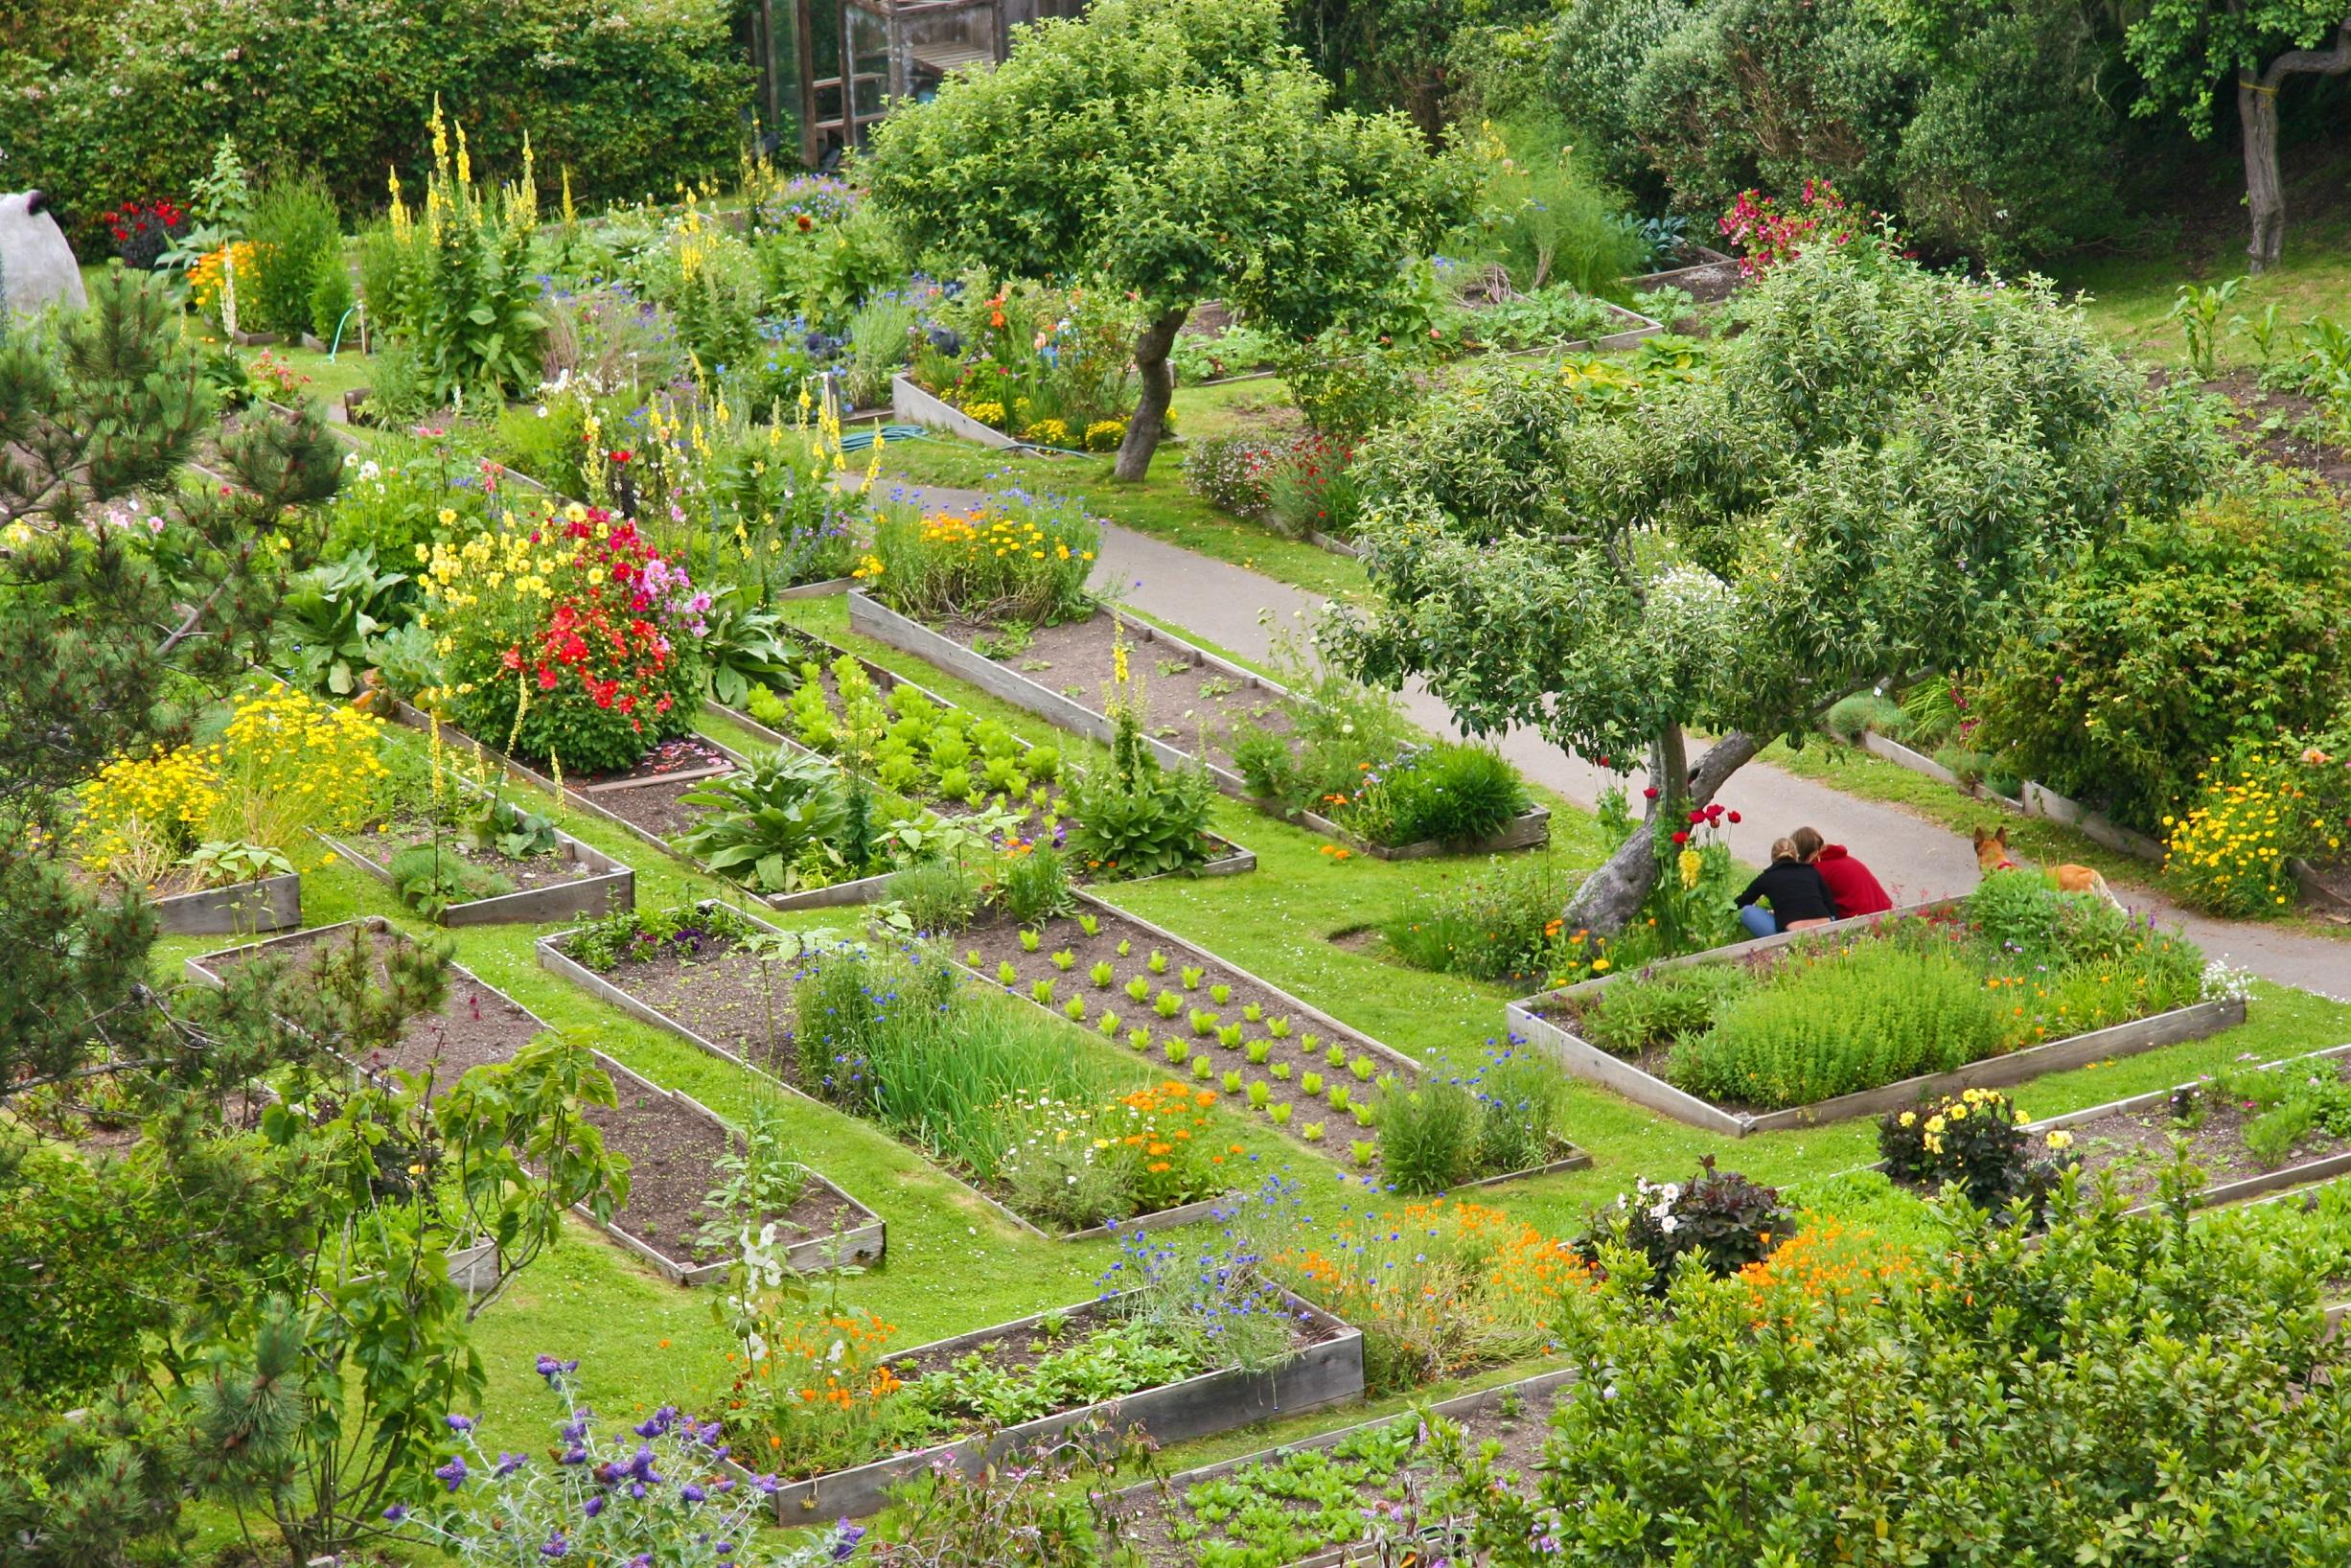 gardenStanfordInnResort